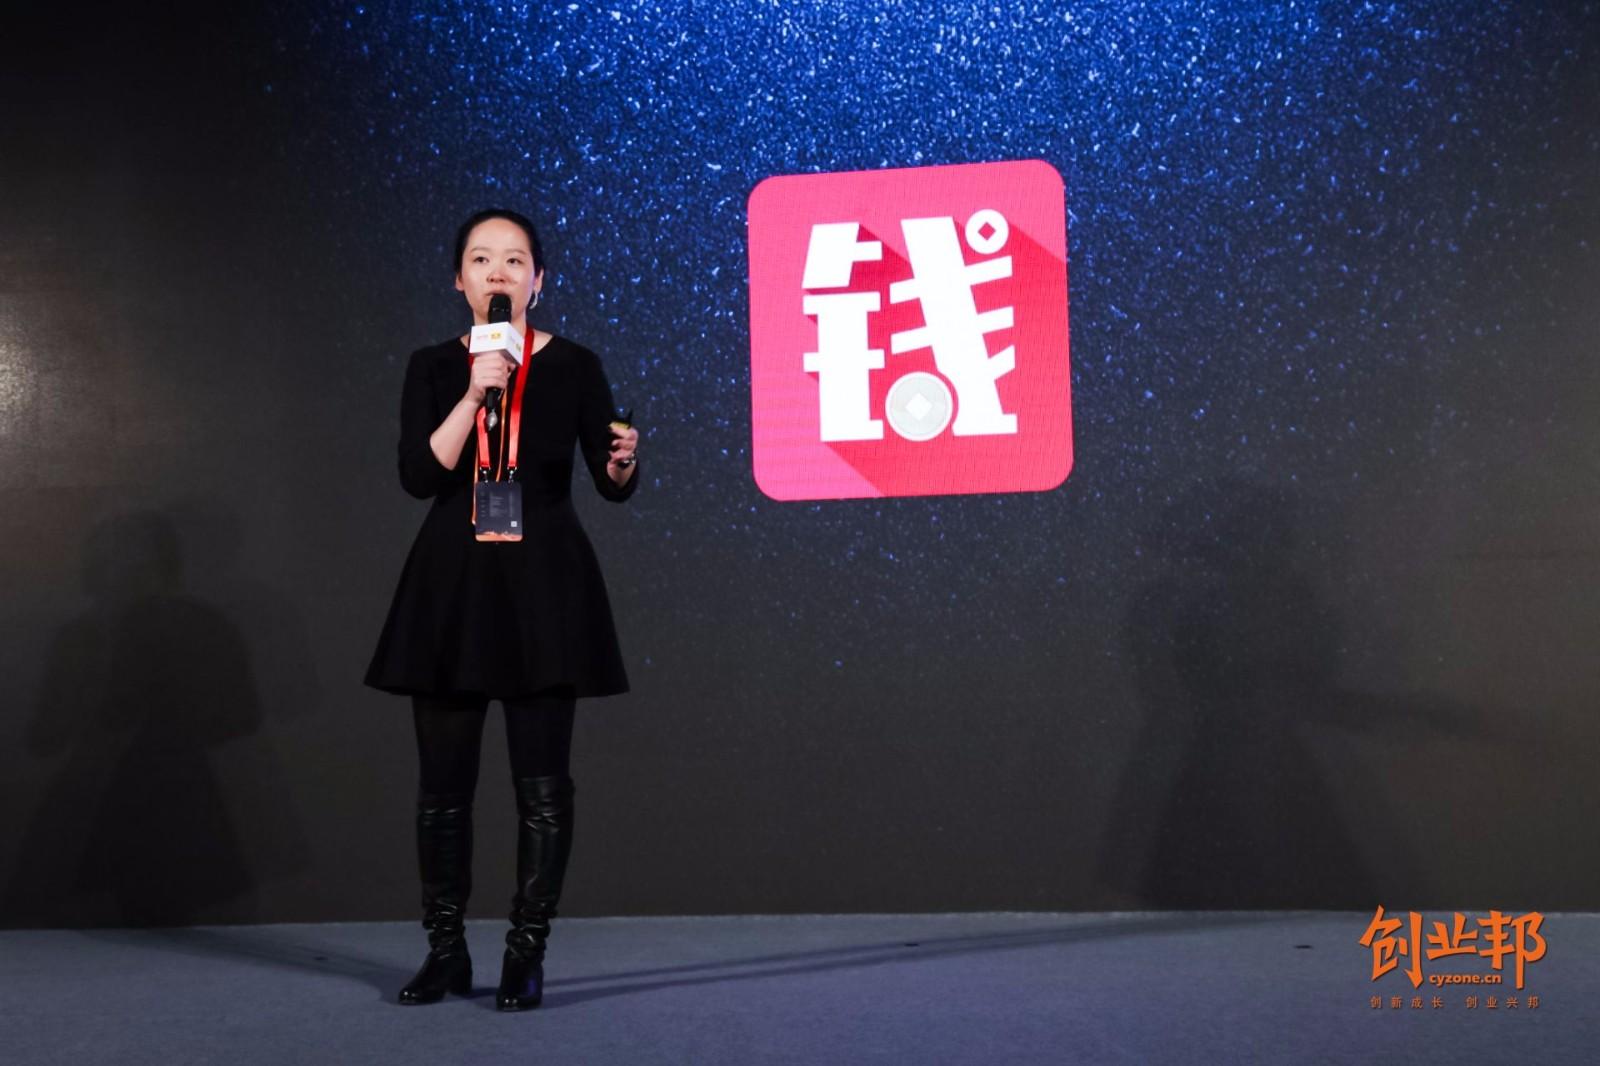 钱牛牛CEO倪抒音:个人授信是风控和催收的结合